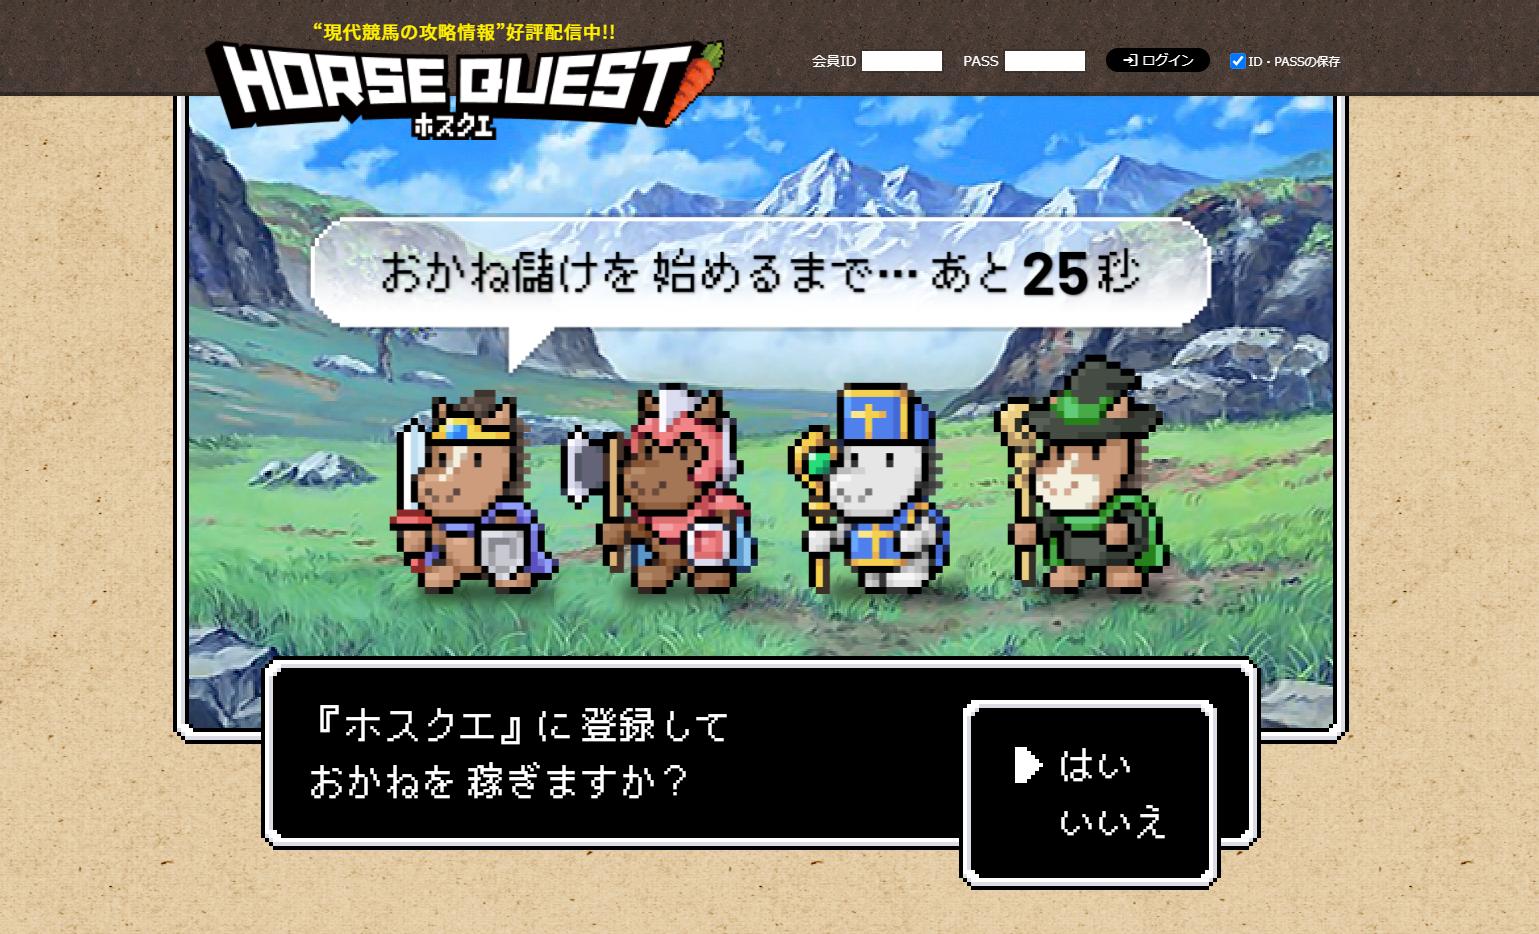 ホースクエスト(HORSE QUEST)